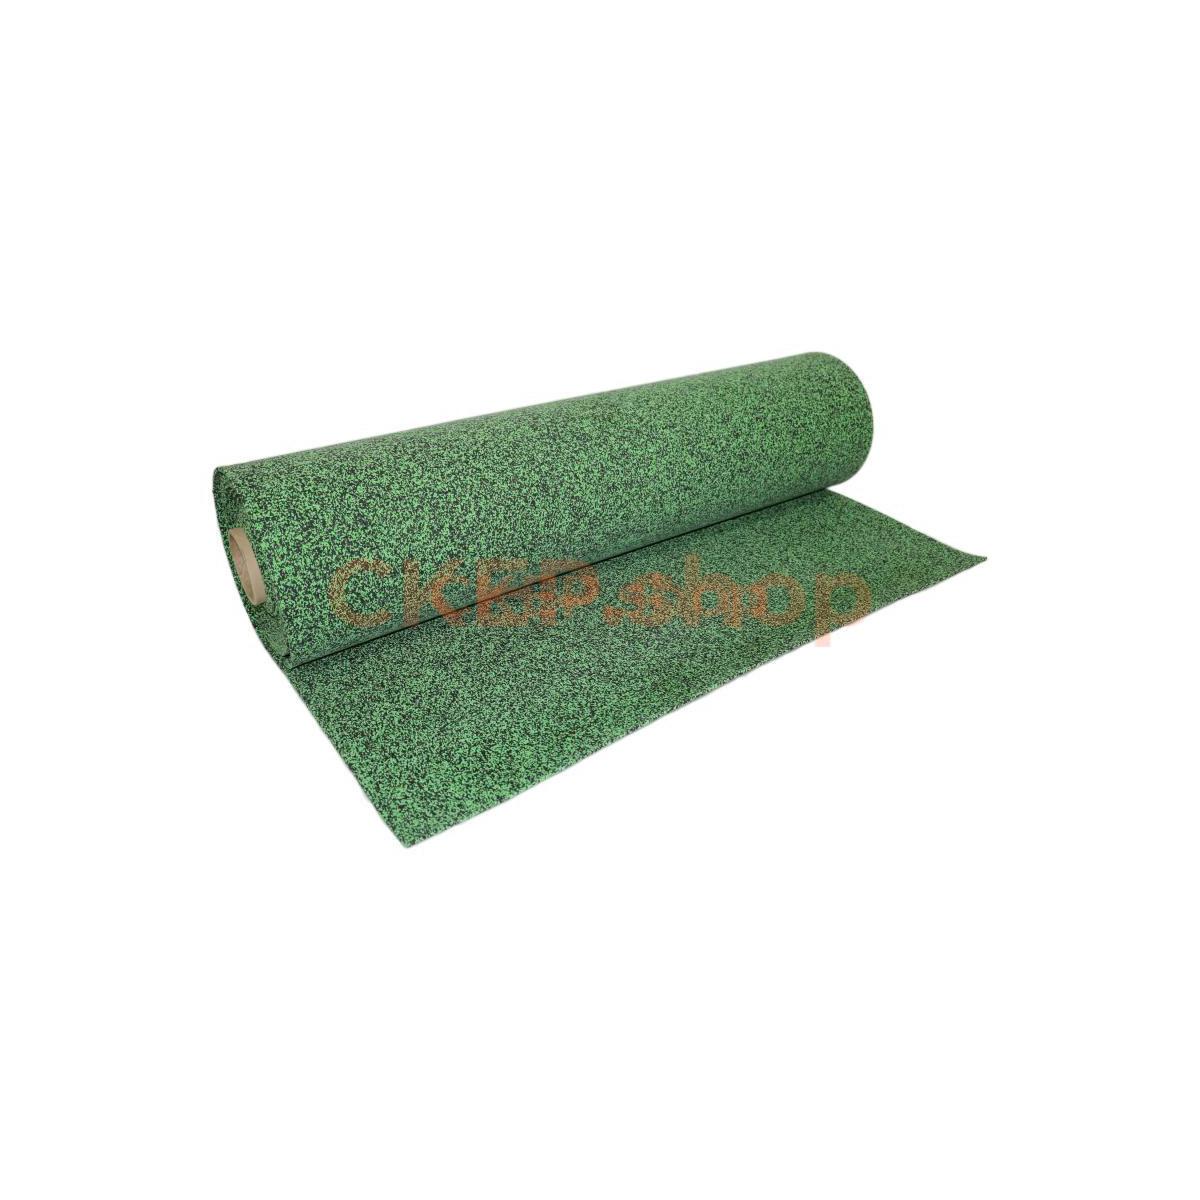 Покрытие резиновое рулонное EPDM 50%, 6 мм, зеленый